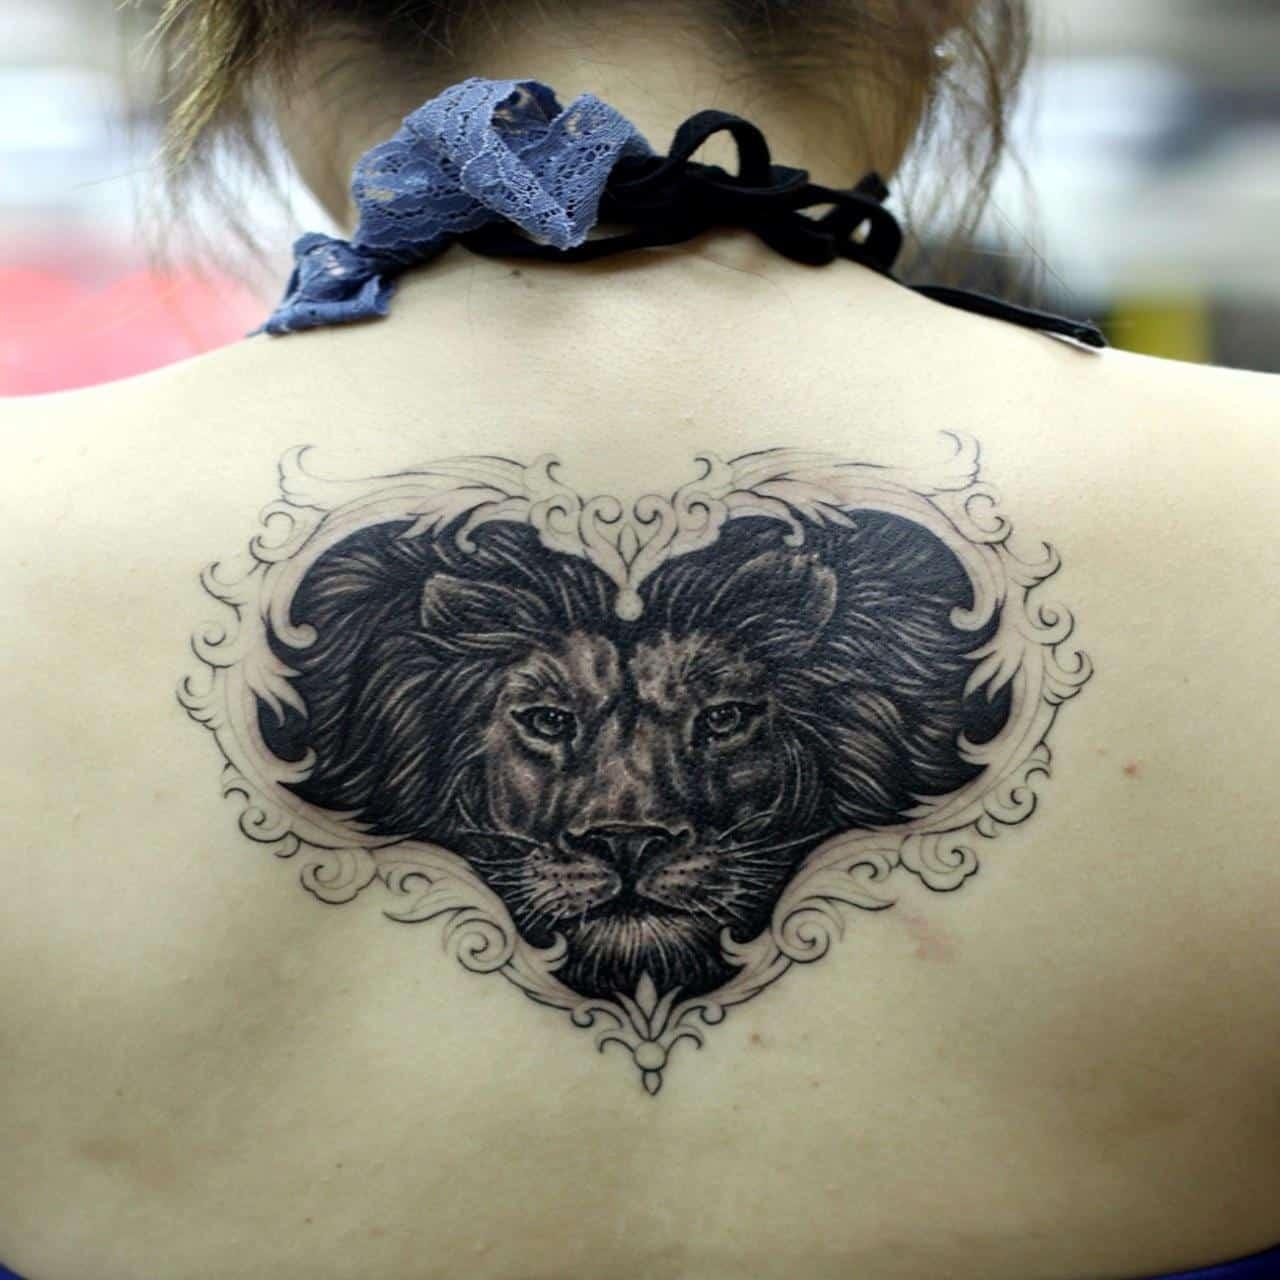 c290b99eeb0a8 black leo tattoos - Tattoo Bytes